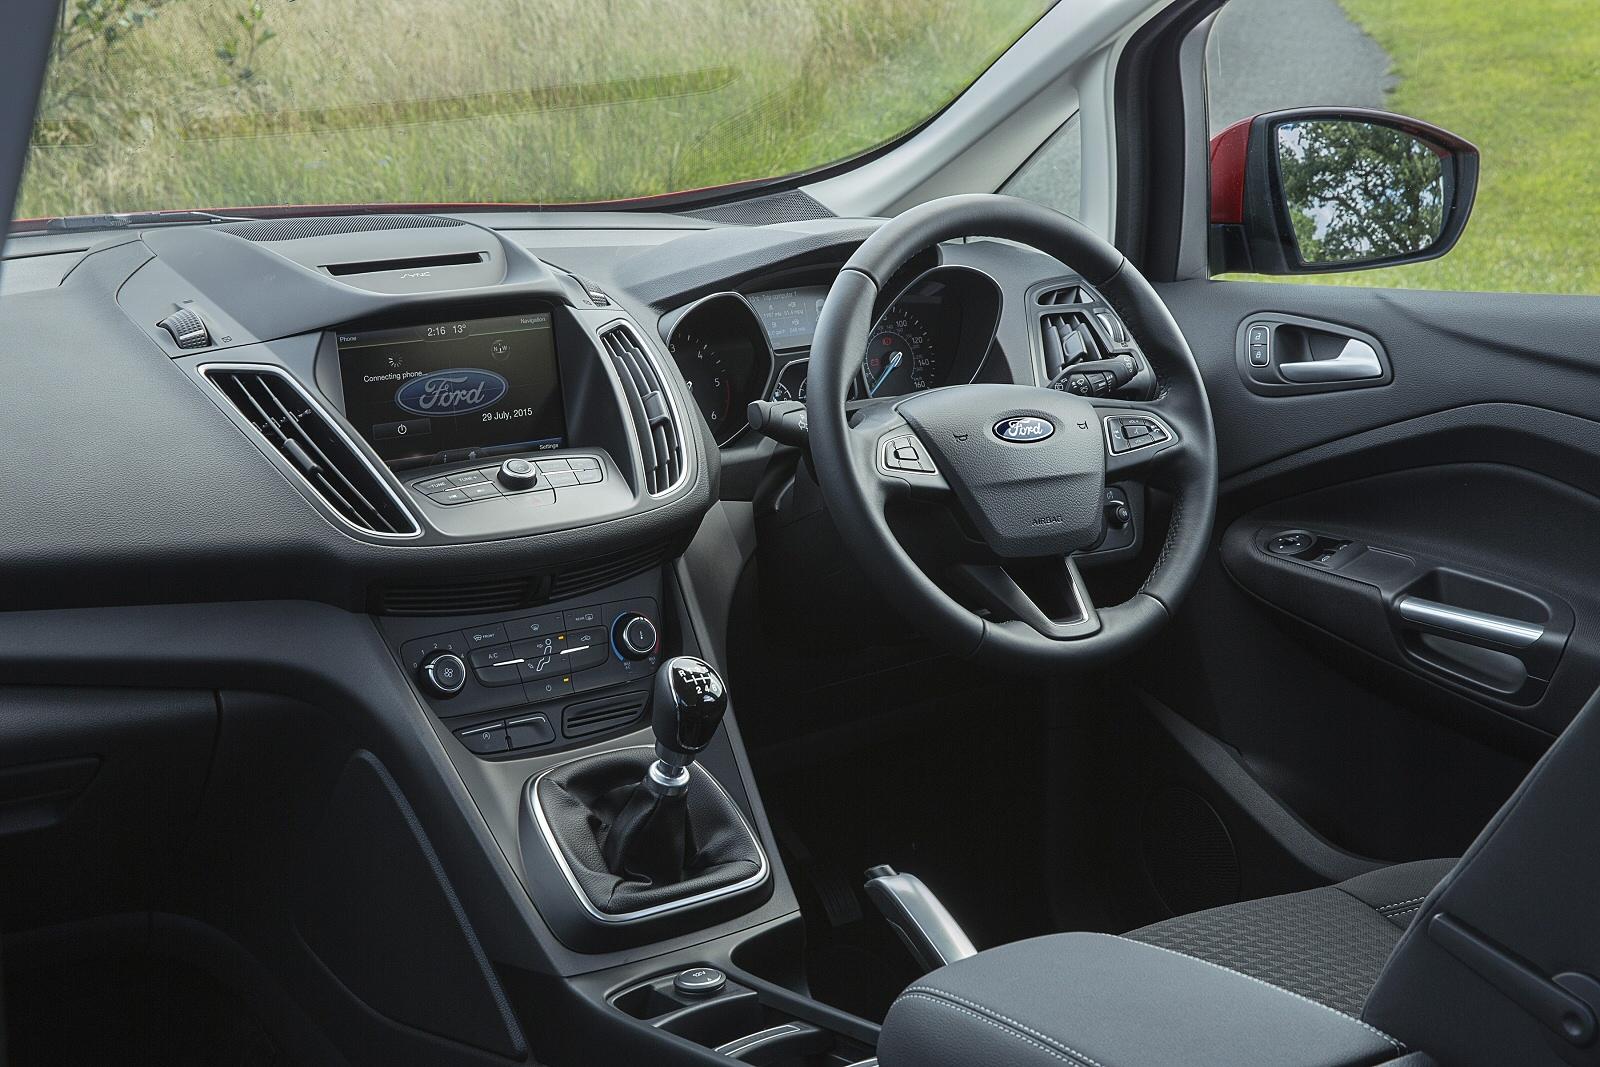 new ford c-max 1.5 tdci zetec navigation 5dr diesel estate for